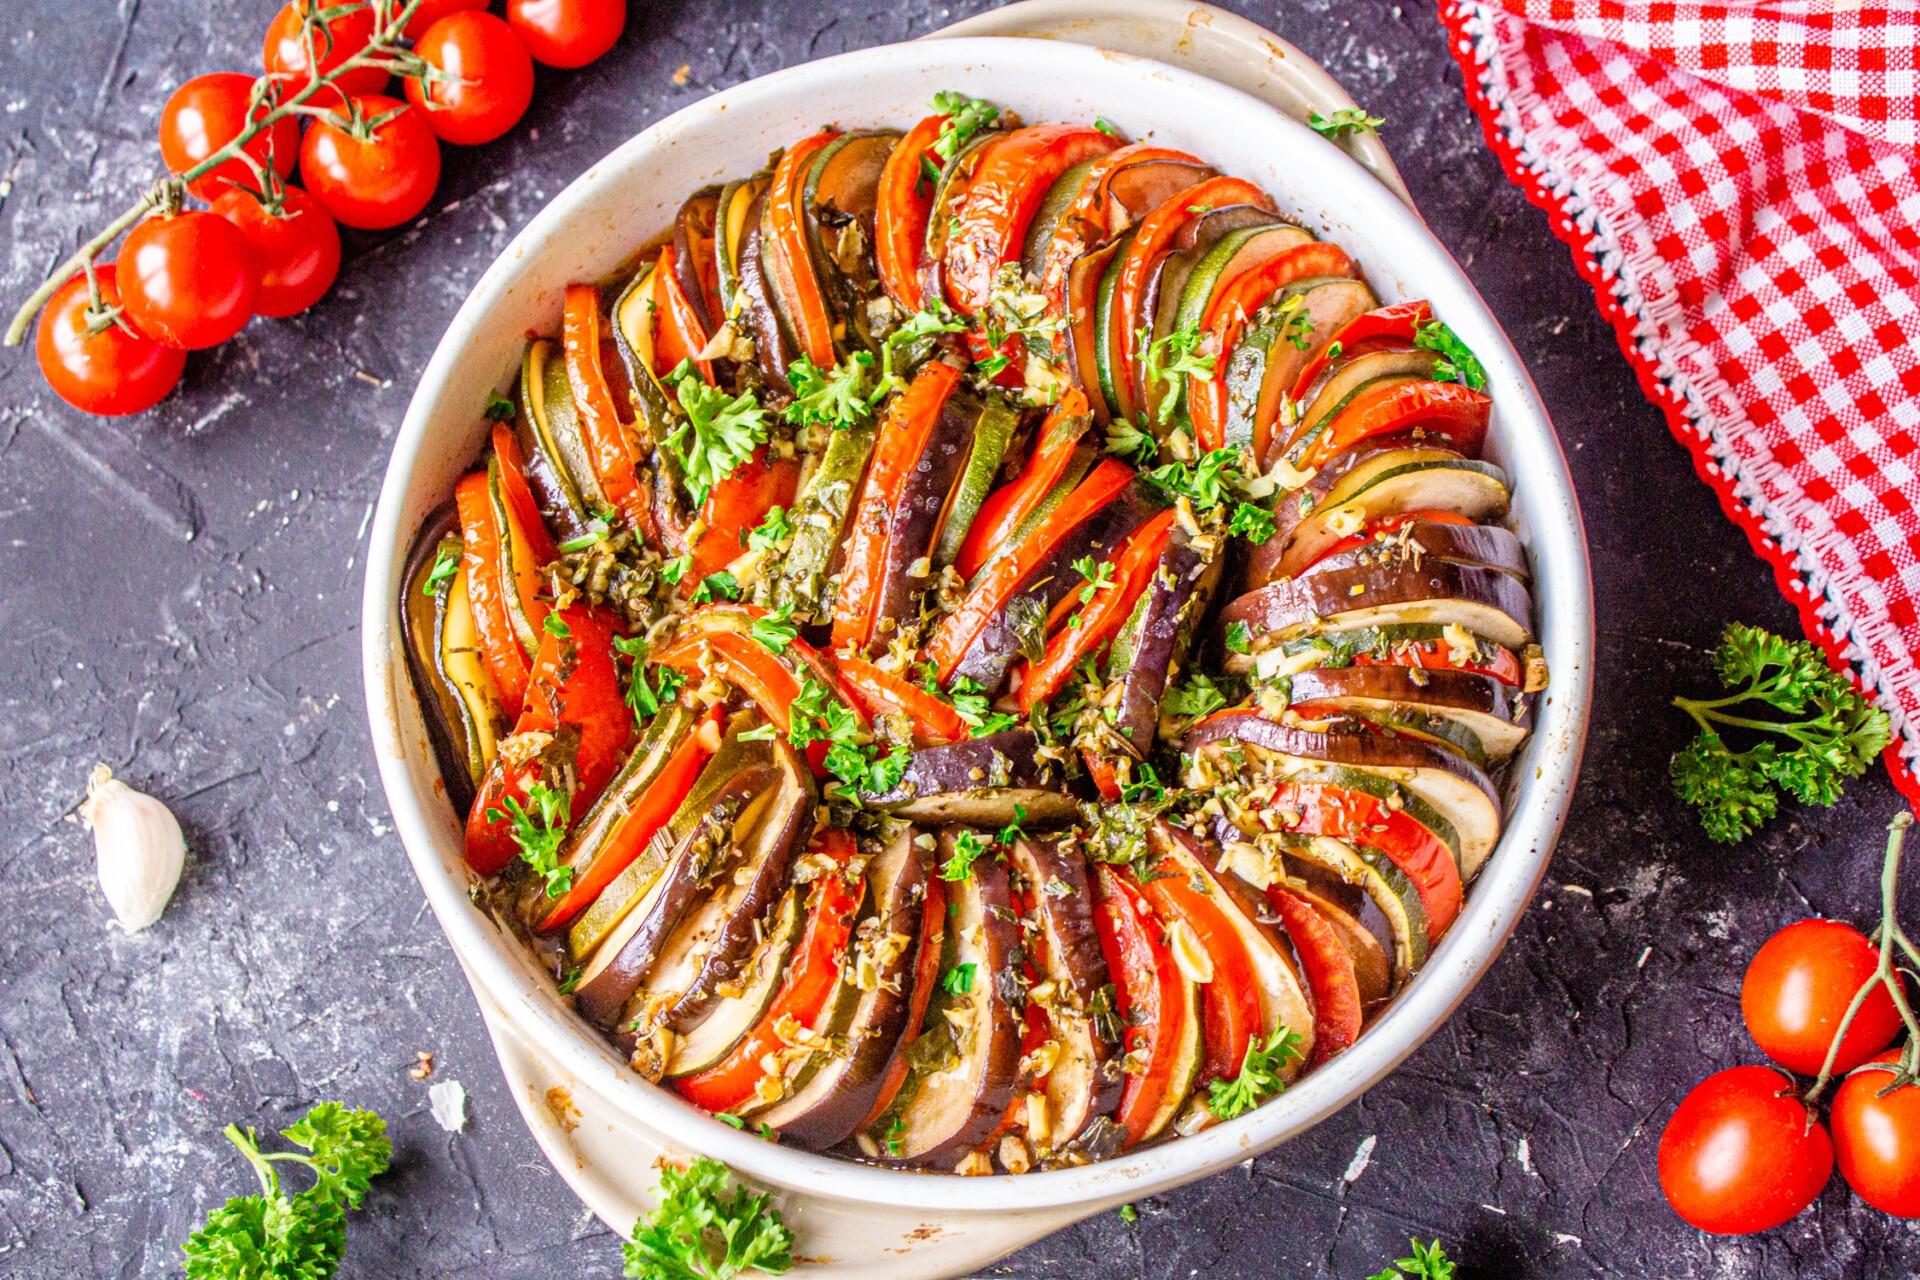 Рататуй из баклажанов и кабачков, рецепт с фото